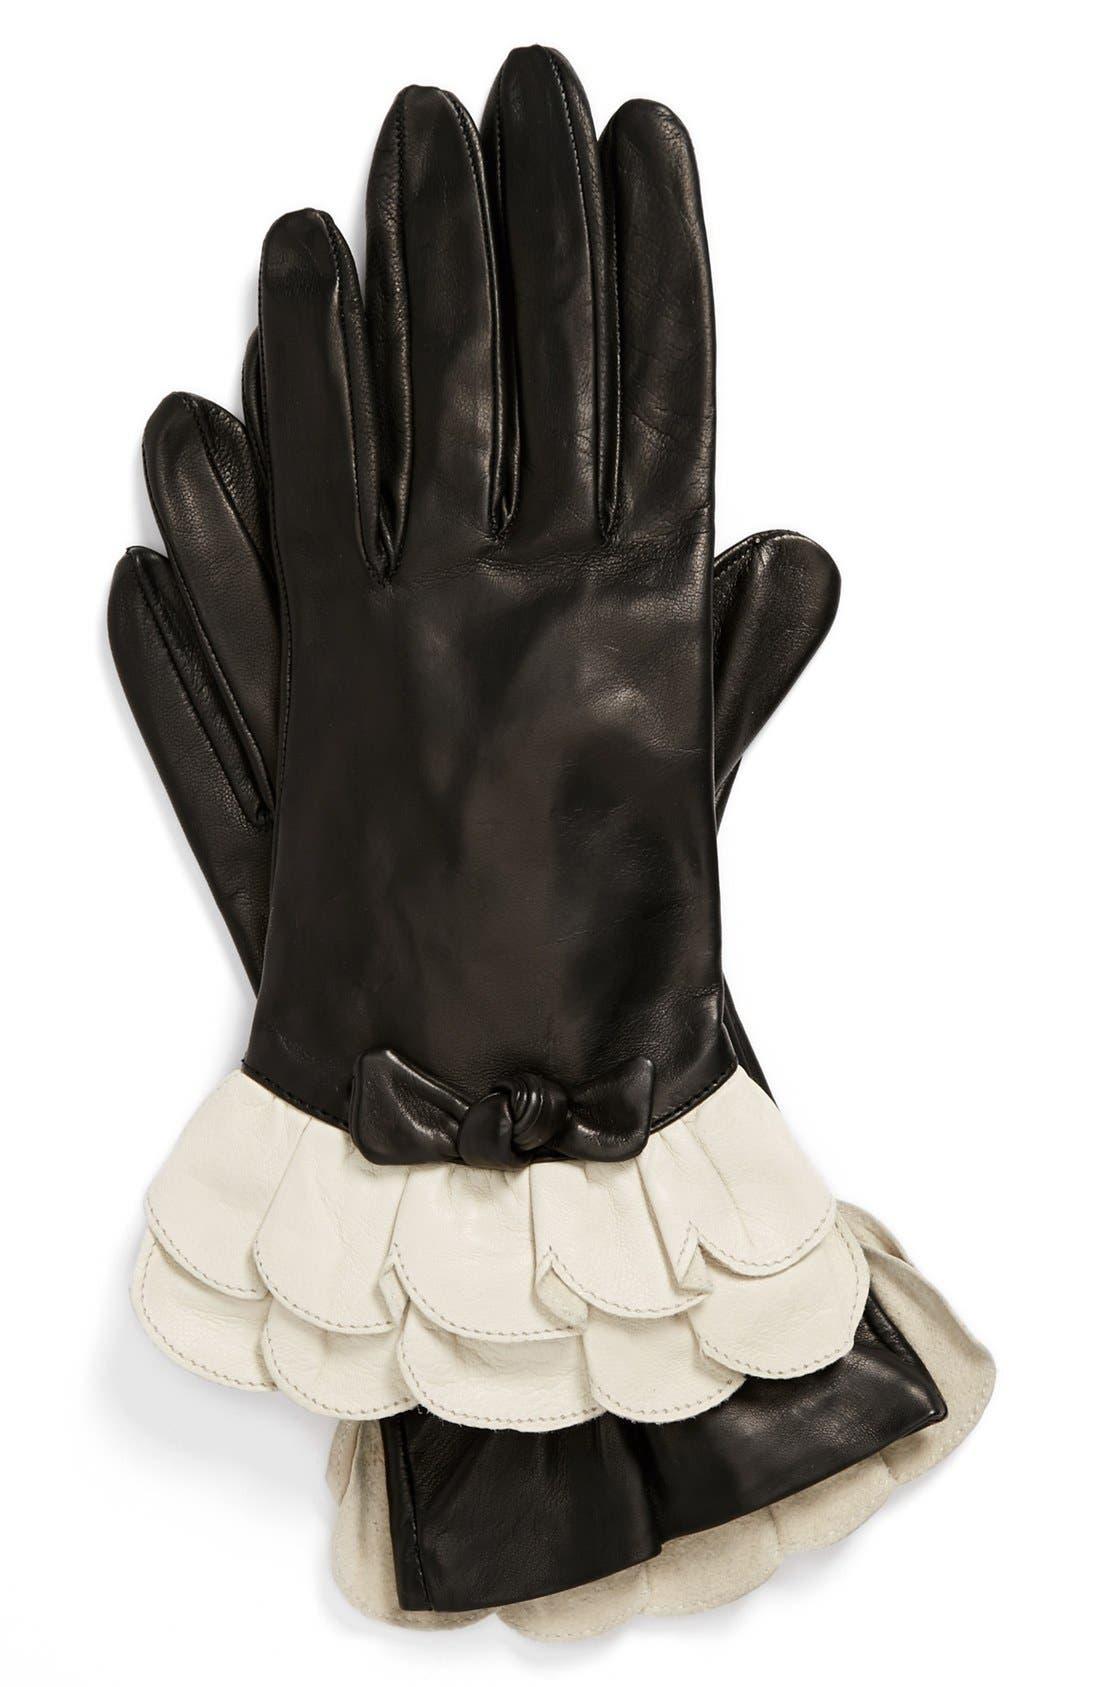 Alternate Image 1 Selected - Portolano Ruffled Leather Gloves